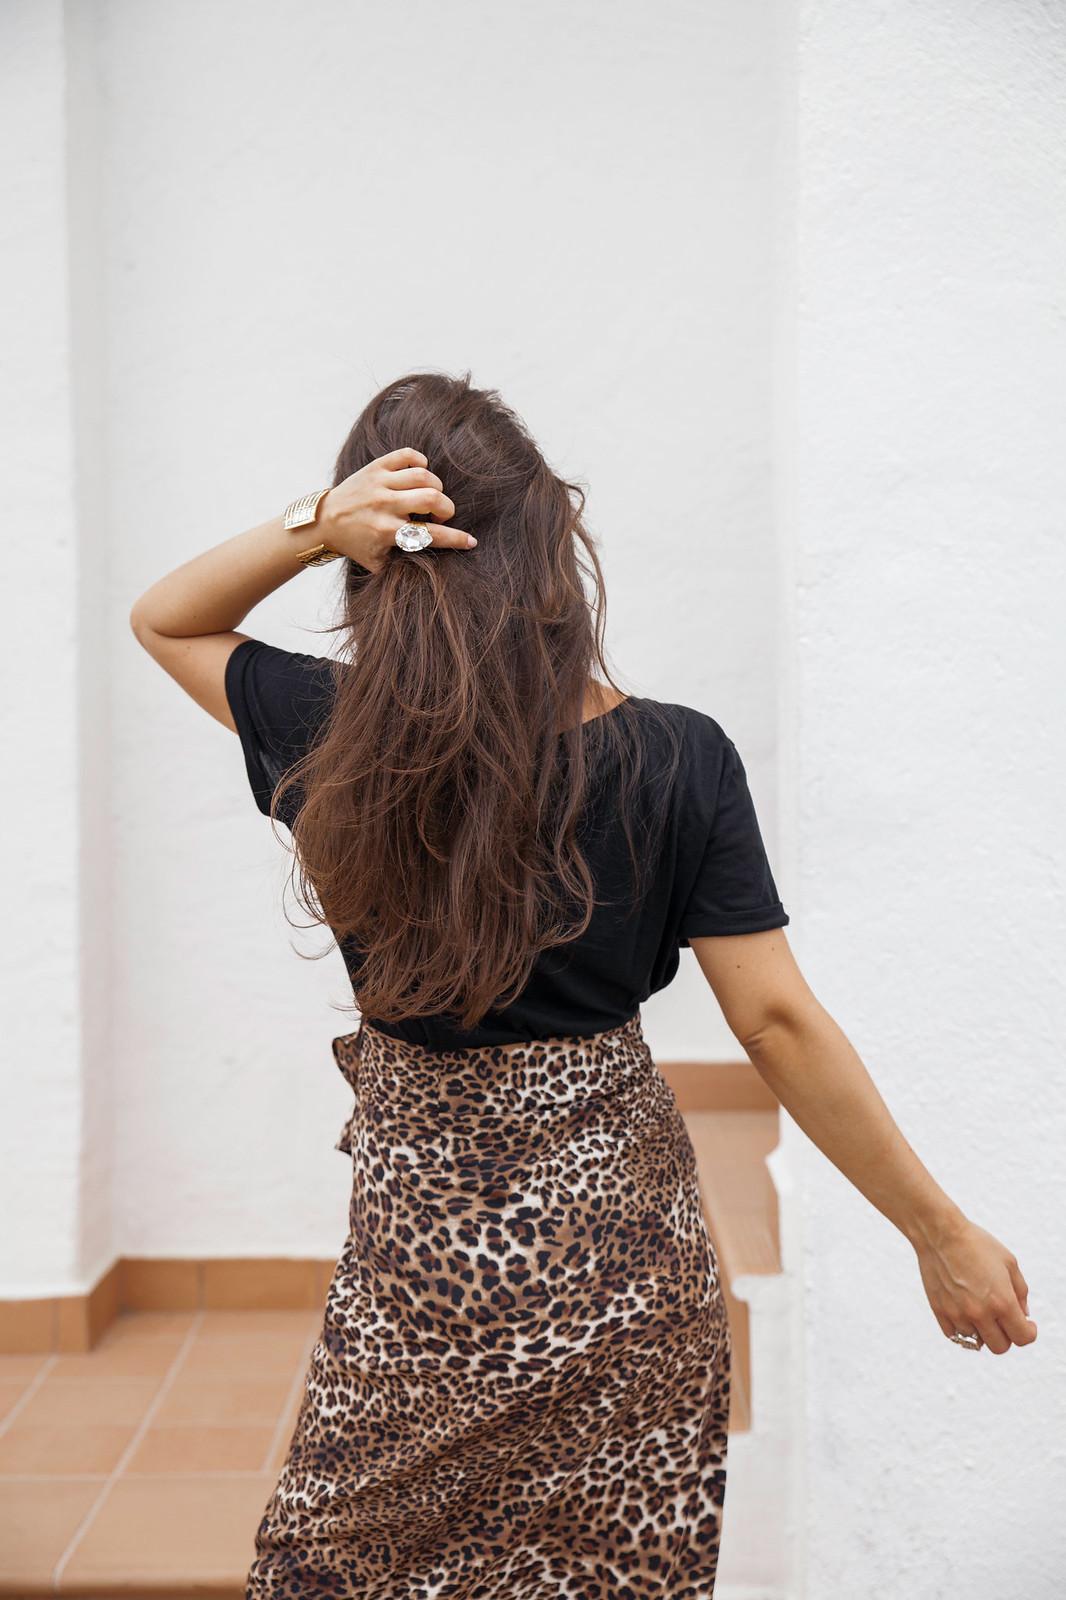 05_leopardo_estampado_tenencia_look_embarazada_falda_comodo_theguestgirl_laura_santolaria_loavies_skirt_animal_print